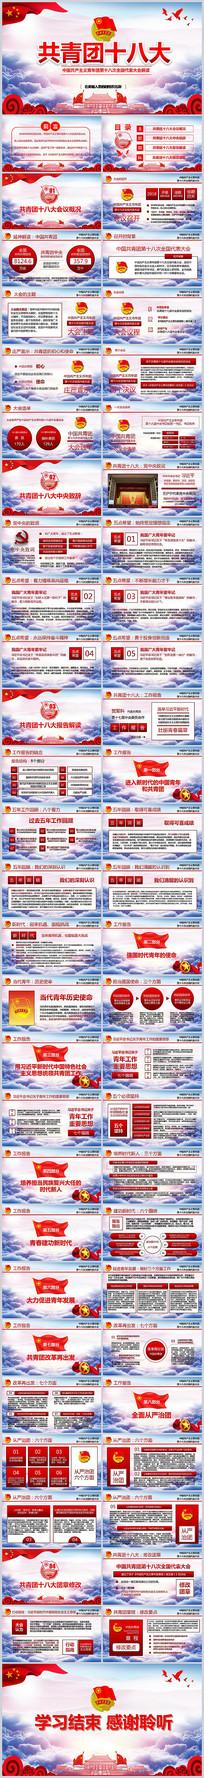 中国共青团十八大报告PPT